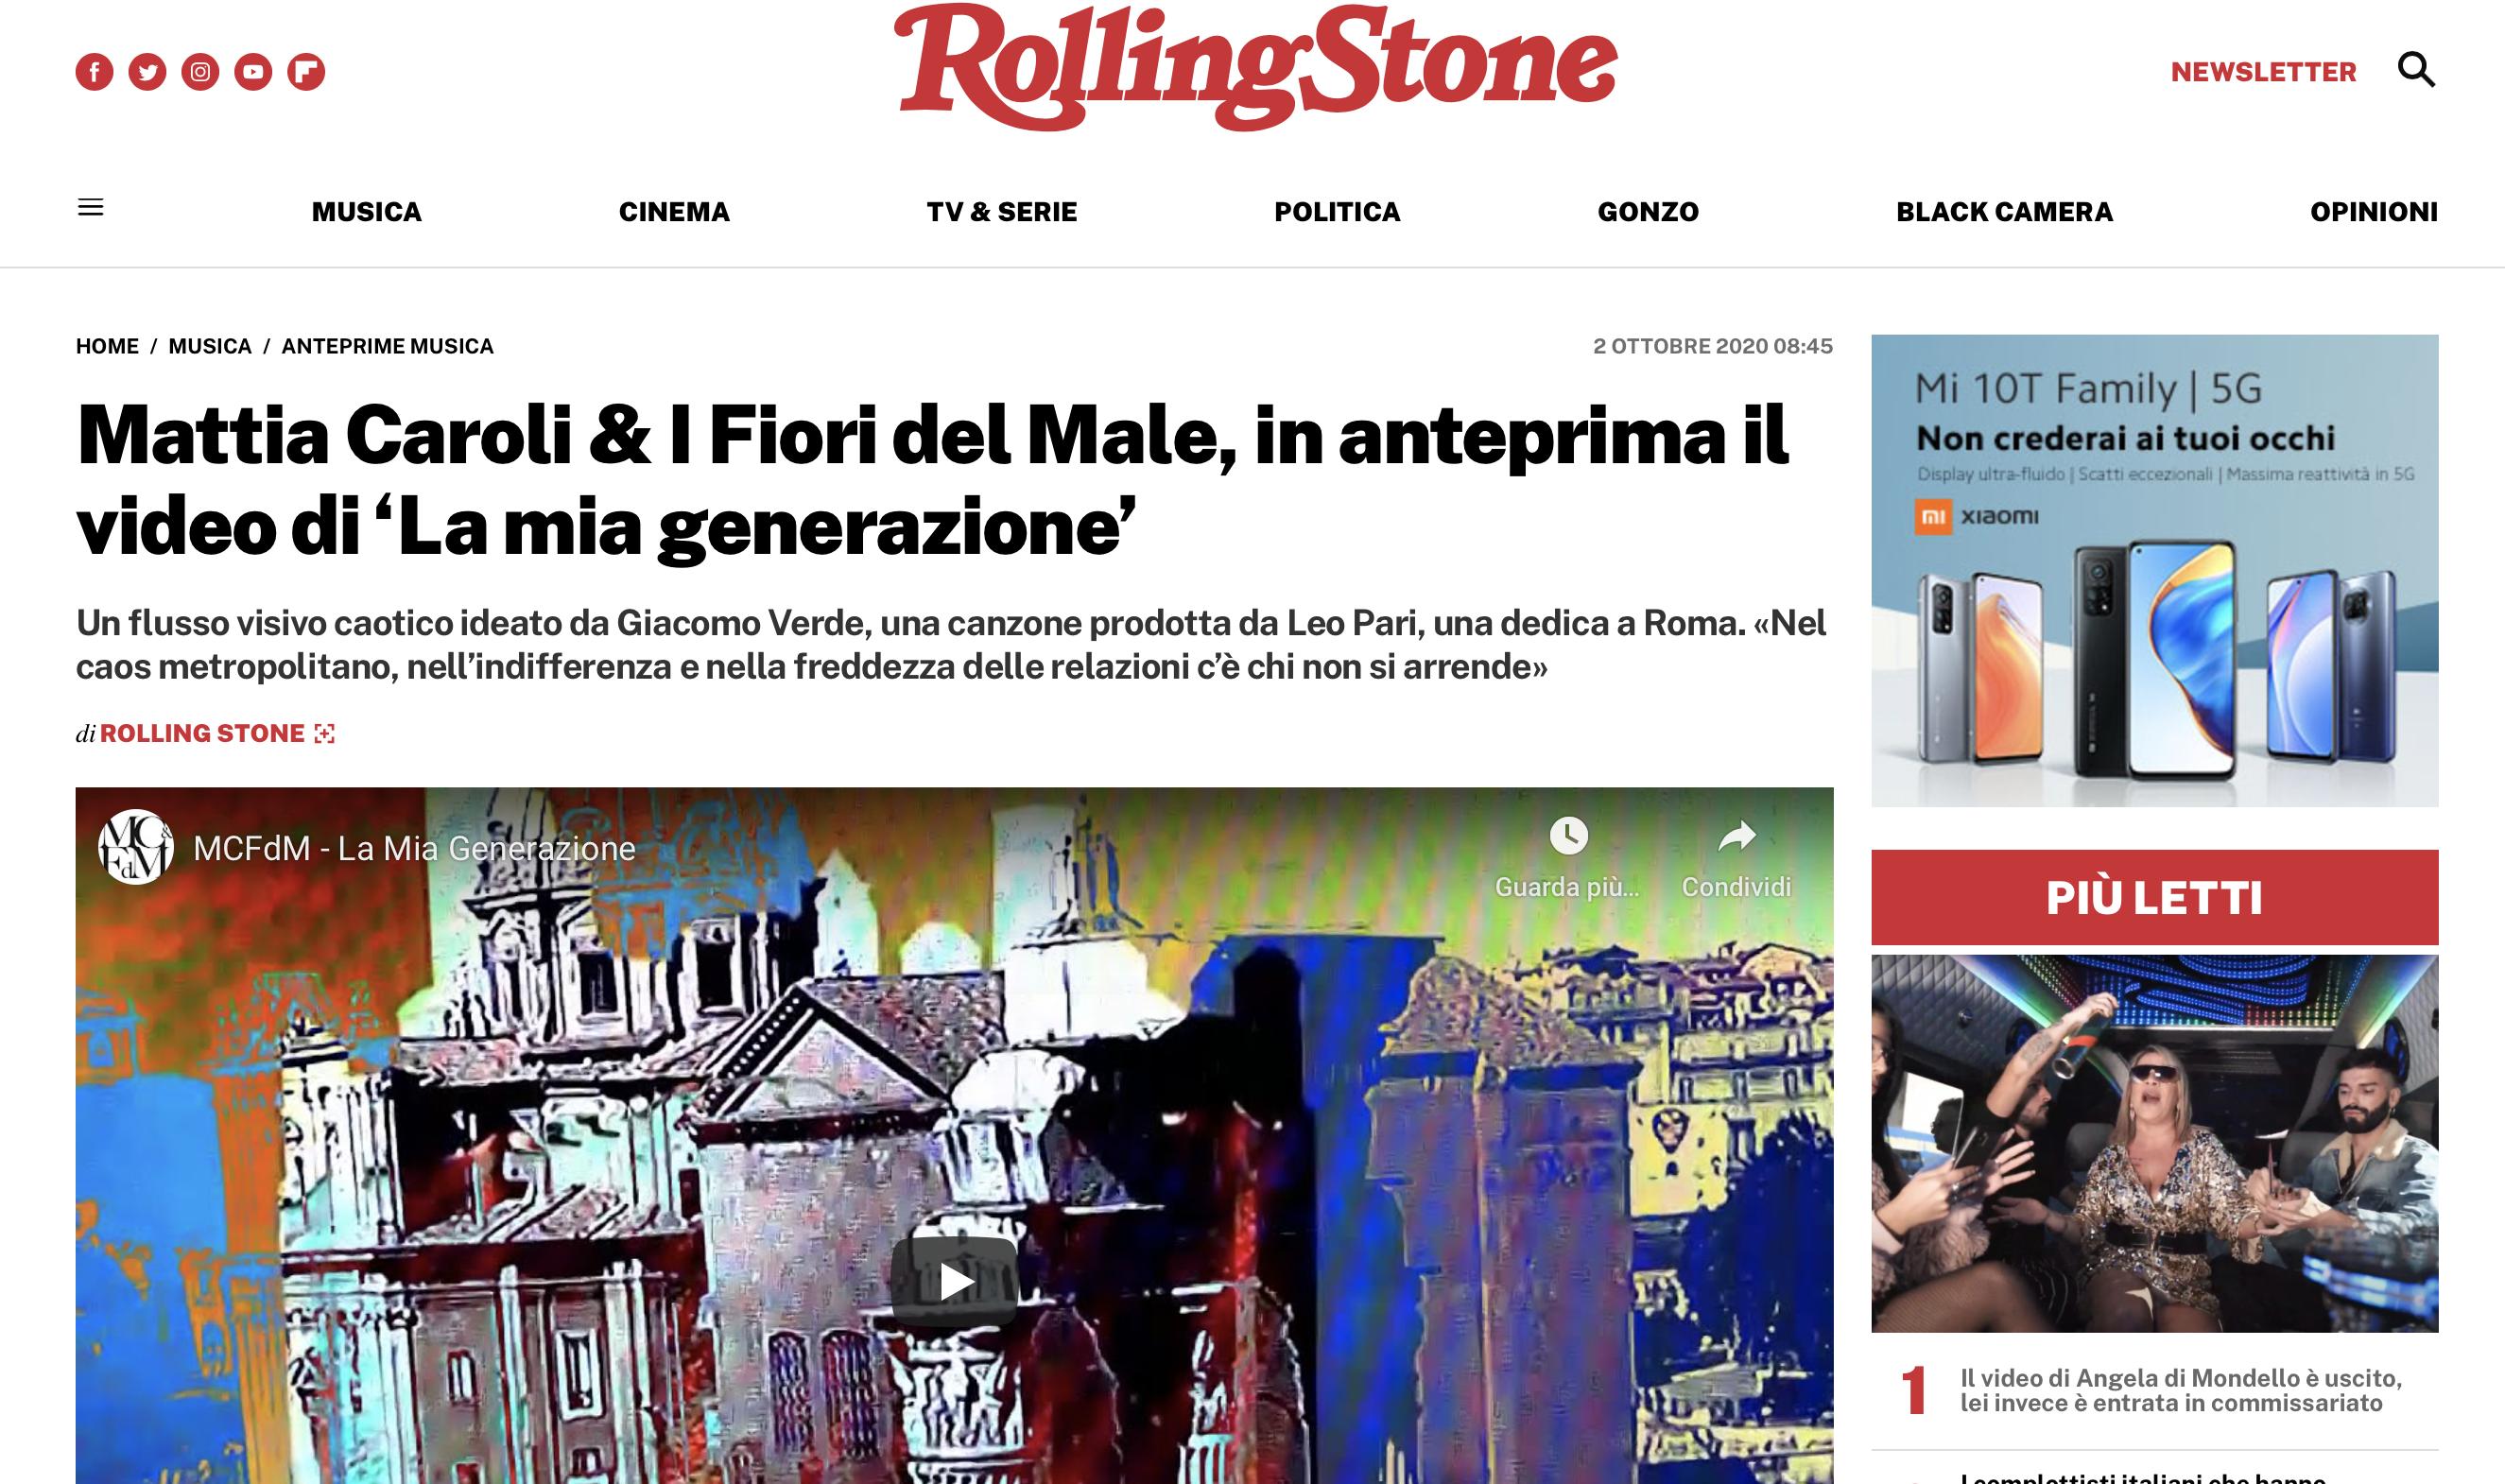 Mattia Caroli & I Fiori del Male